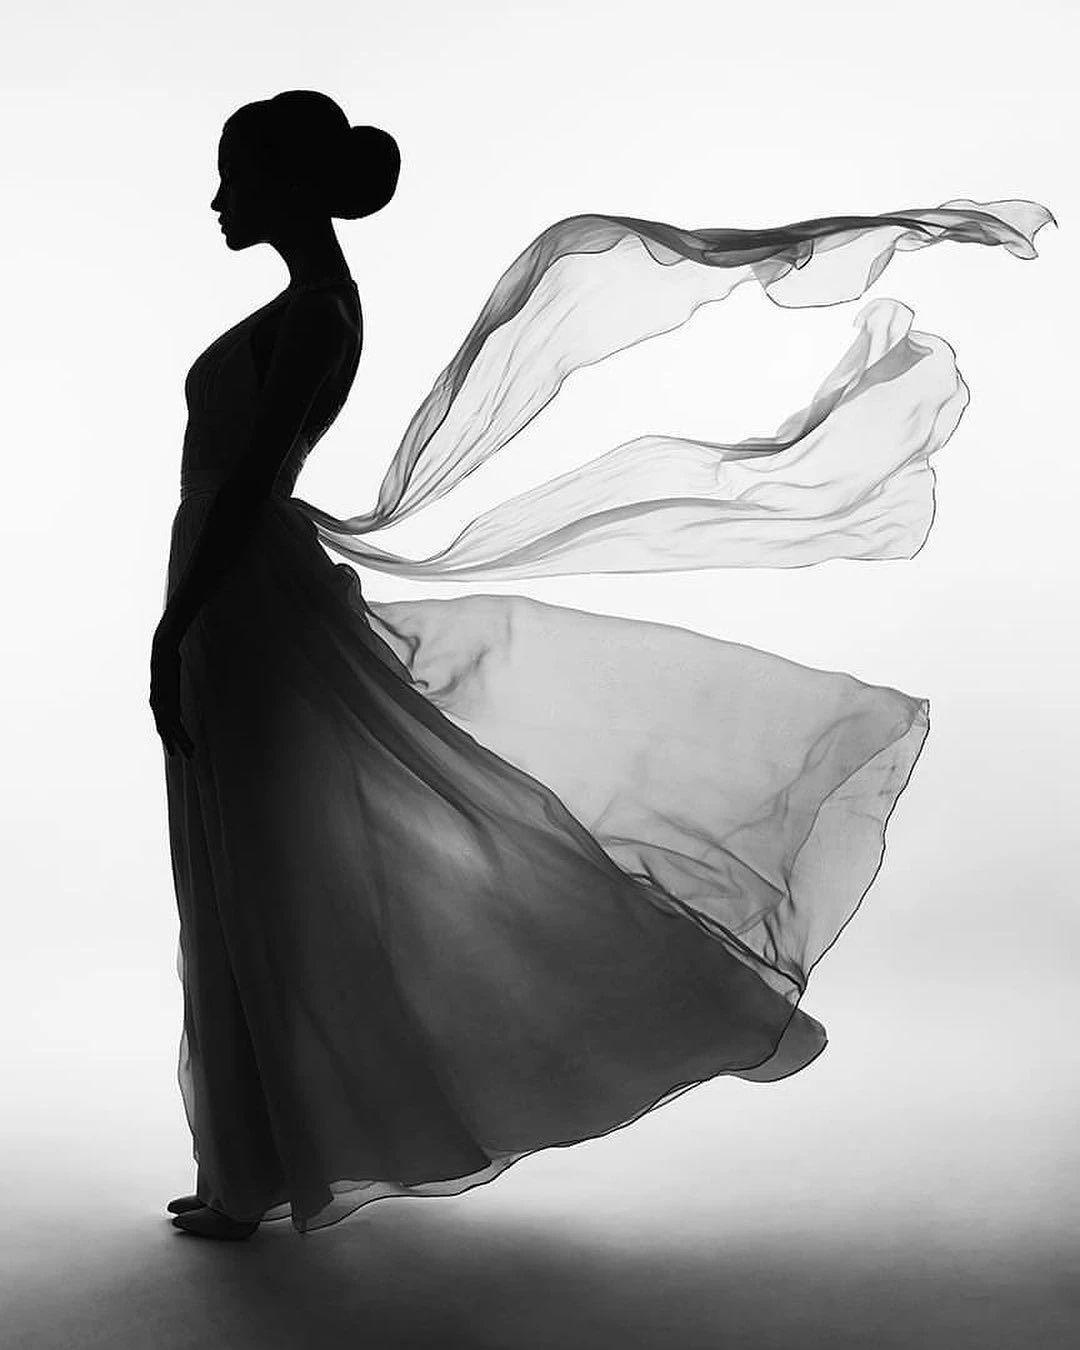 优雅的黑白人体摄影,极致的美感插图(17)